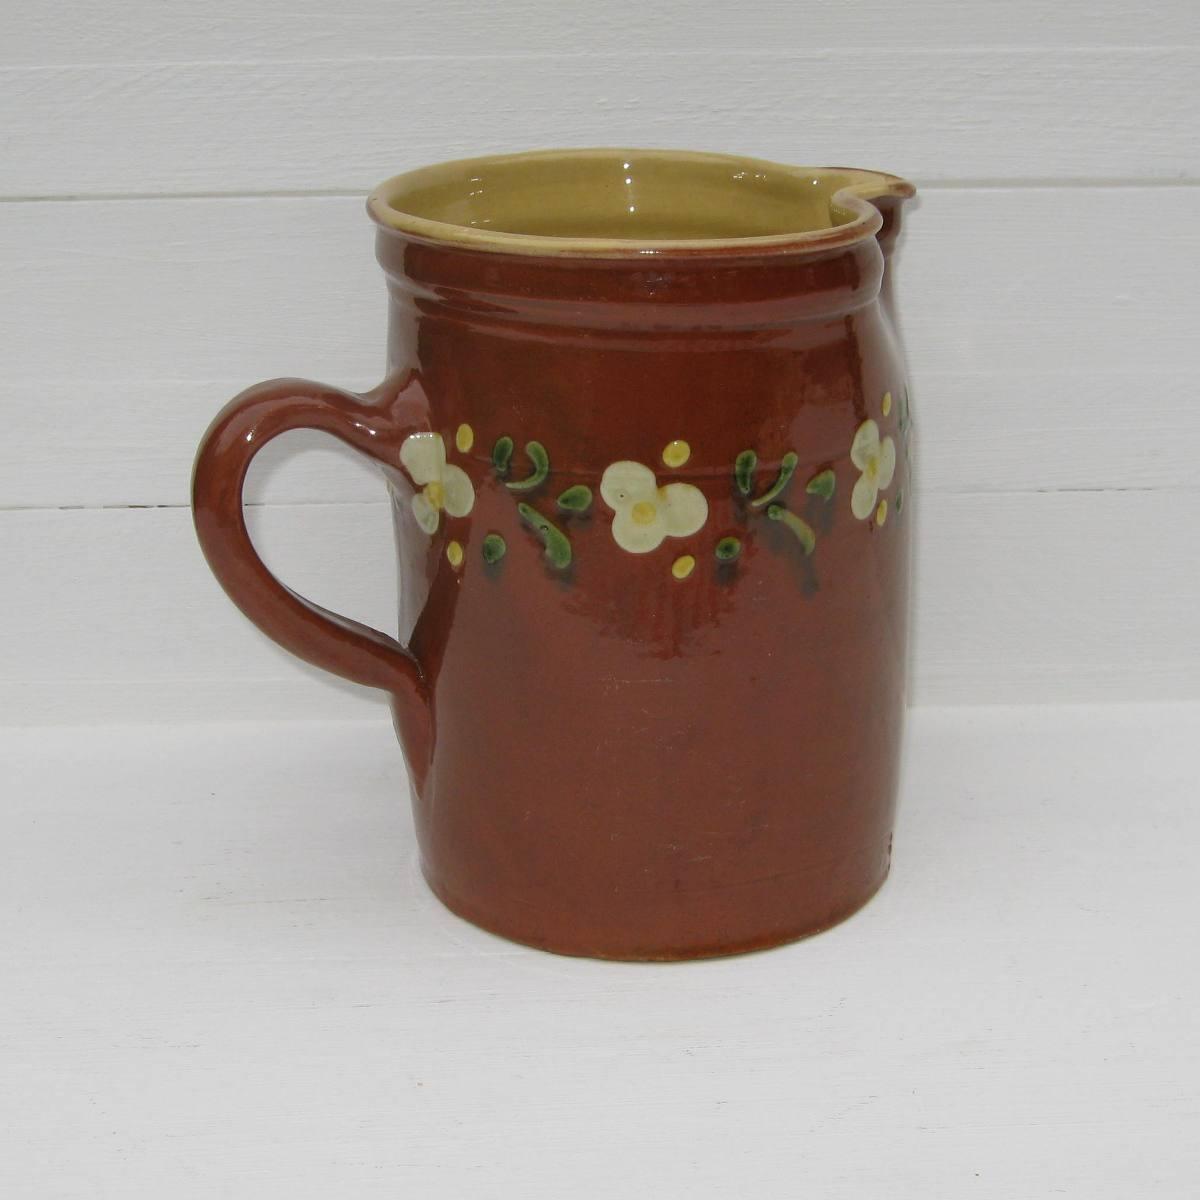 Ancien pichet en terre cuite vernissee poterie de savoie 1